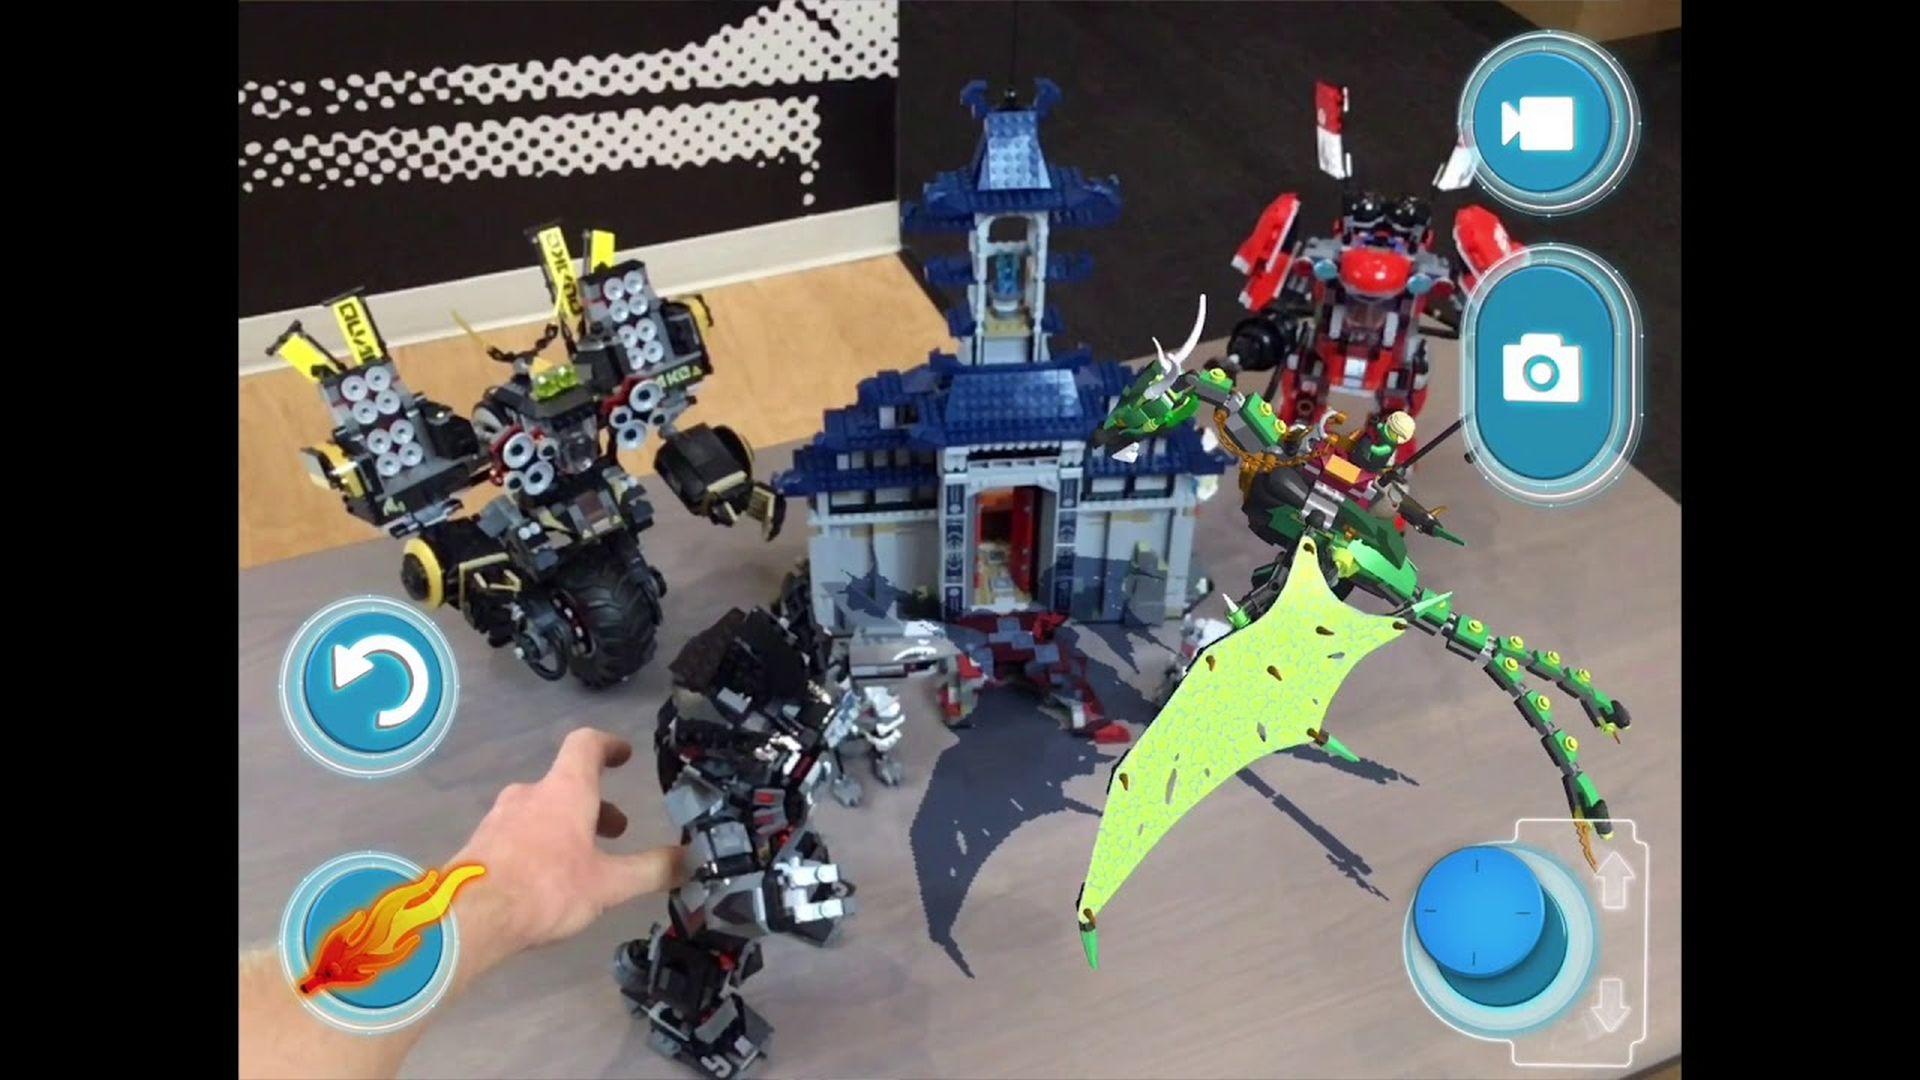 Firma LEGO pokazuję klocki w rozszerzonej rzeczywistości